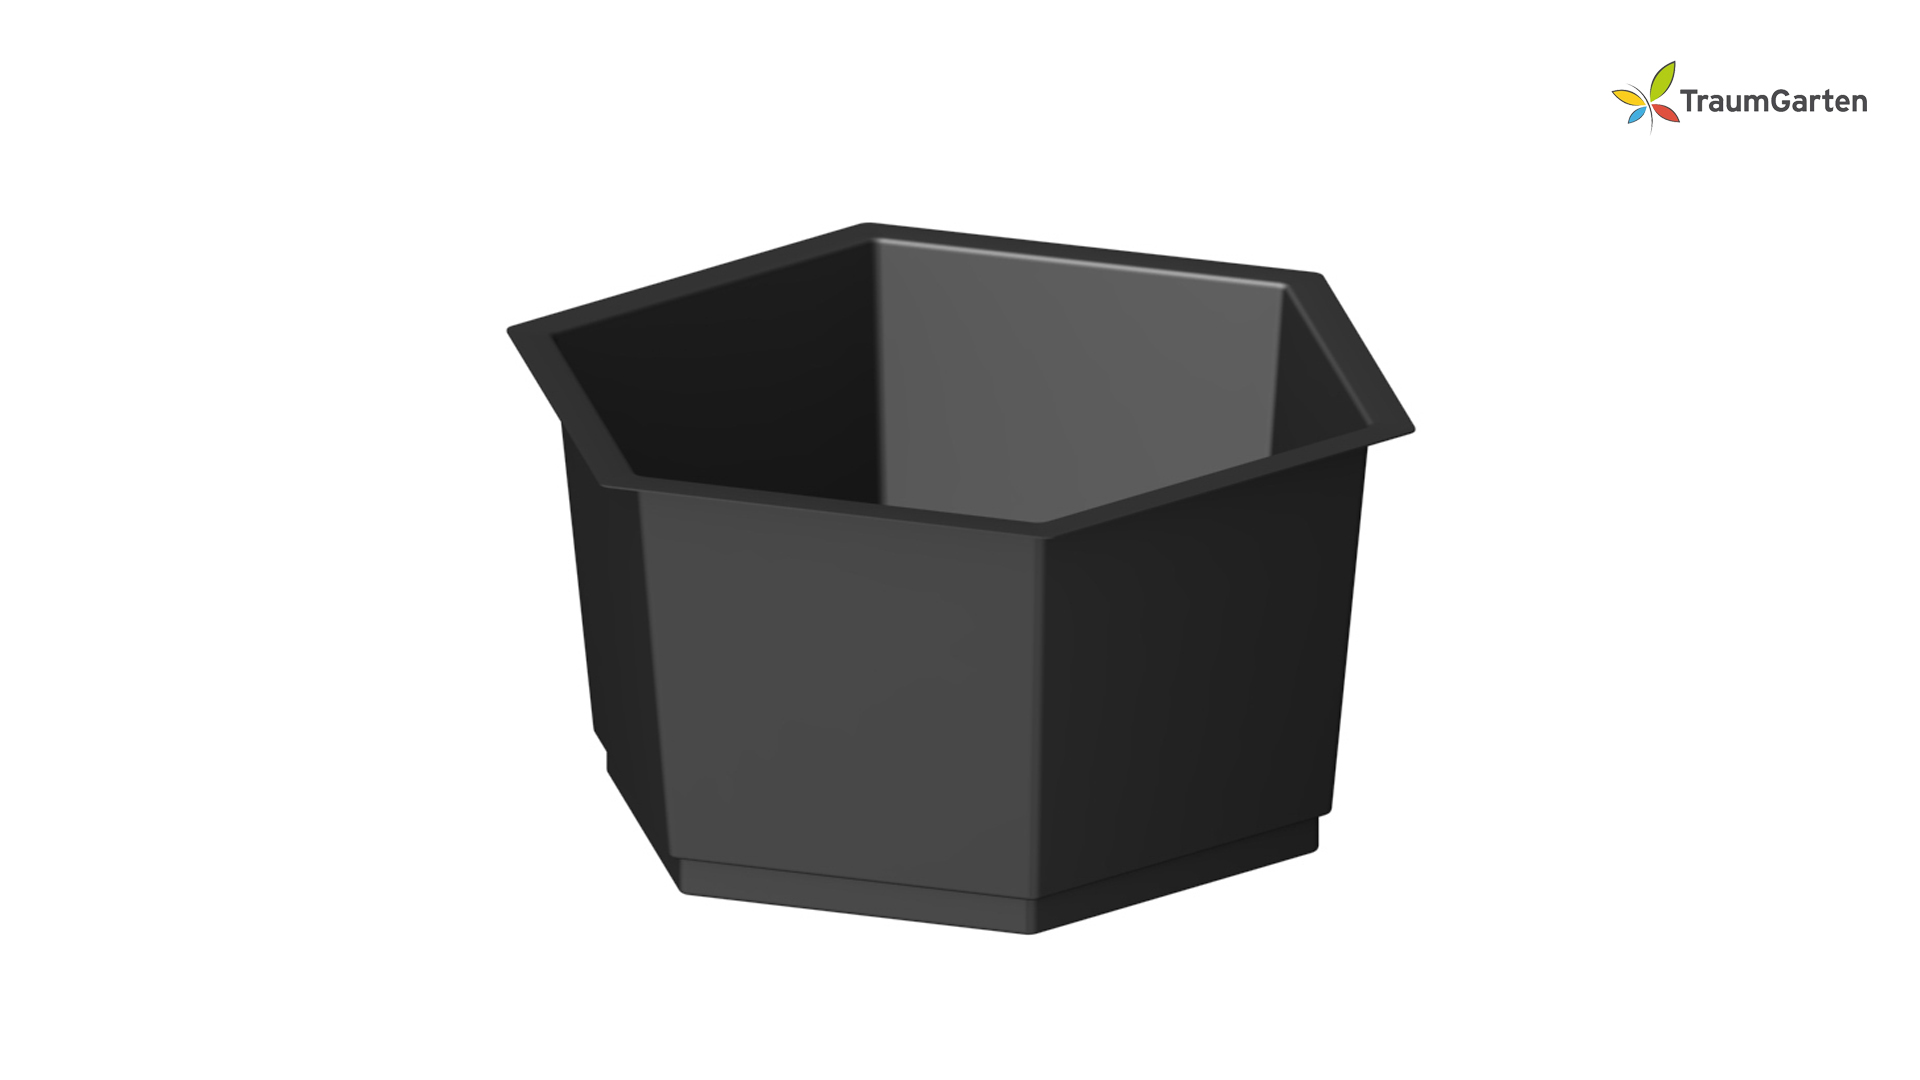 blumenkasten g nstig online kaufen holzwelt gr f aus bremen. Black Bedroom Furniture Sets. Home Design Ideas